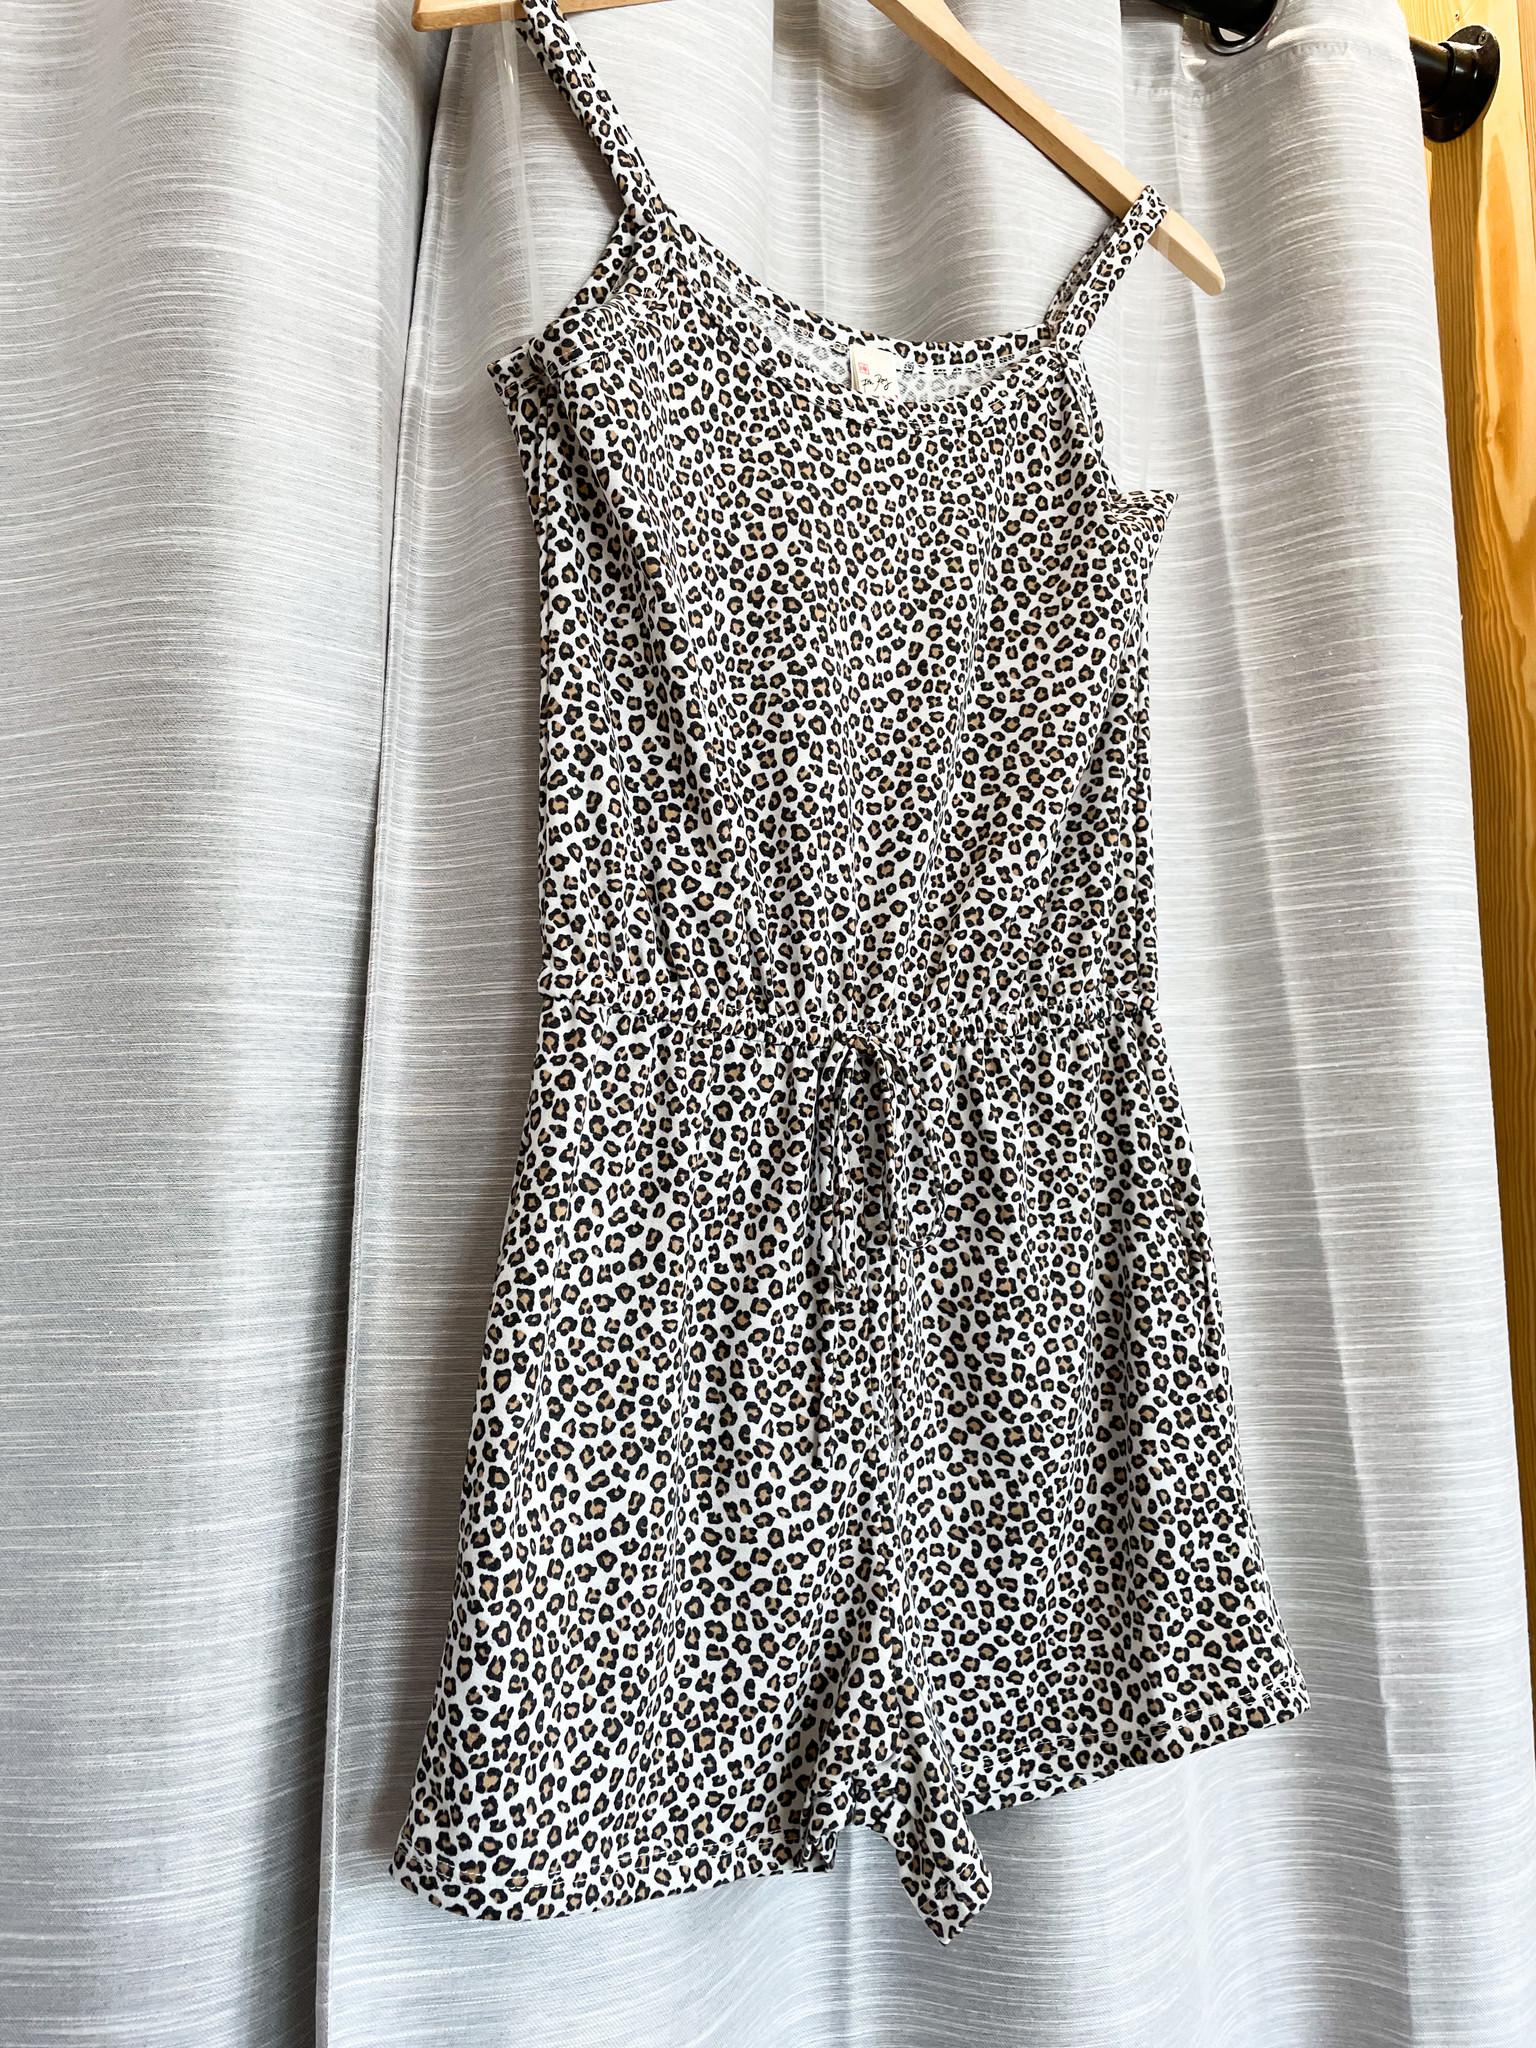 Urban Chic Ivory Leopard Waist Tie Romper